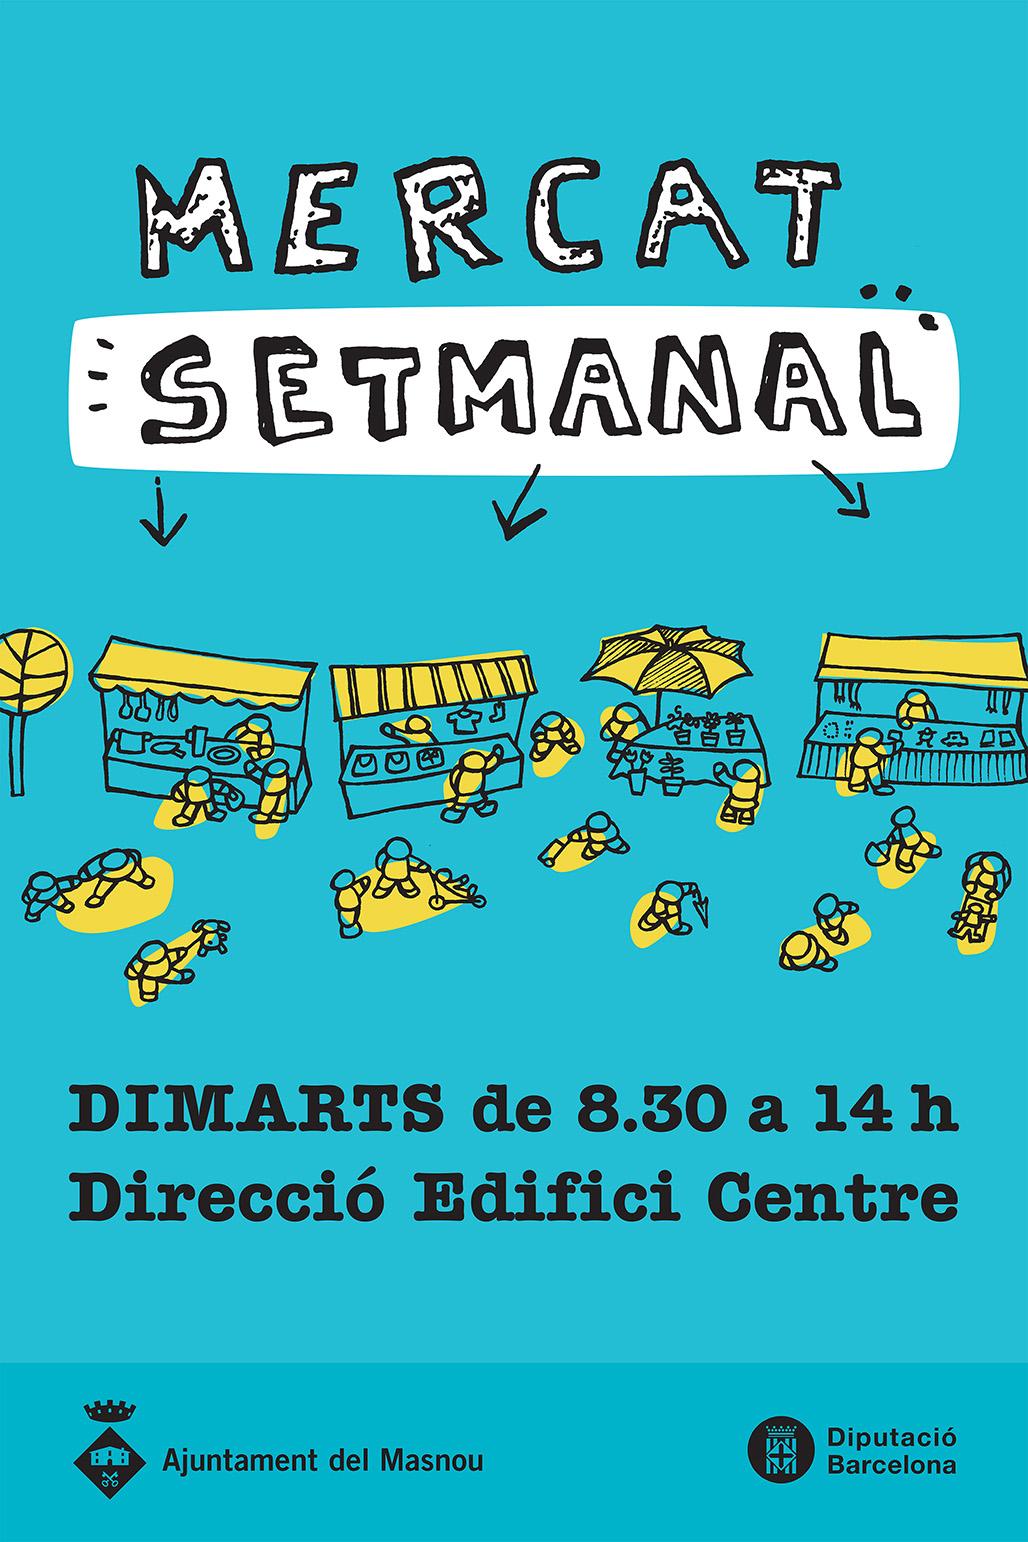 Senyalítica Mercat Setmanal del Masnou